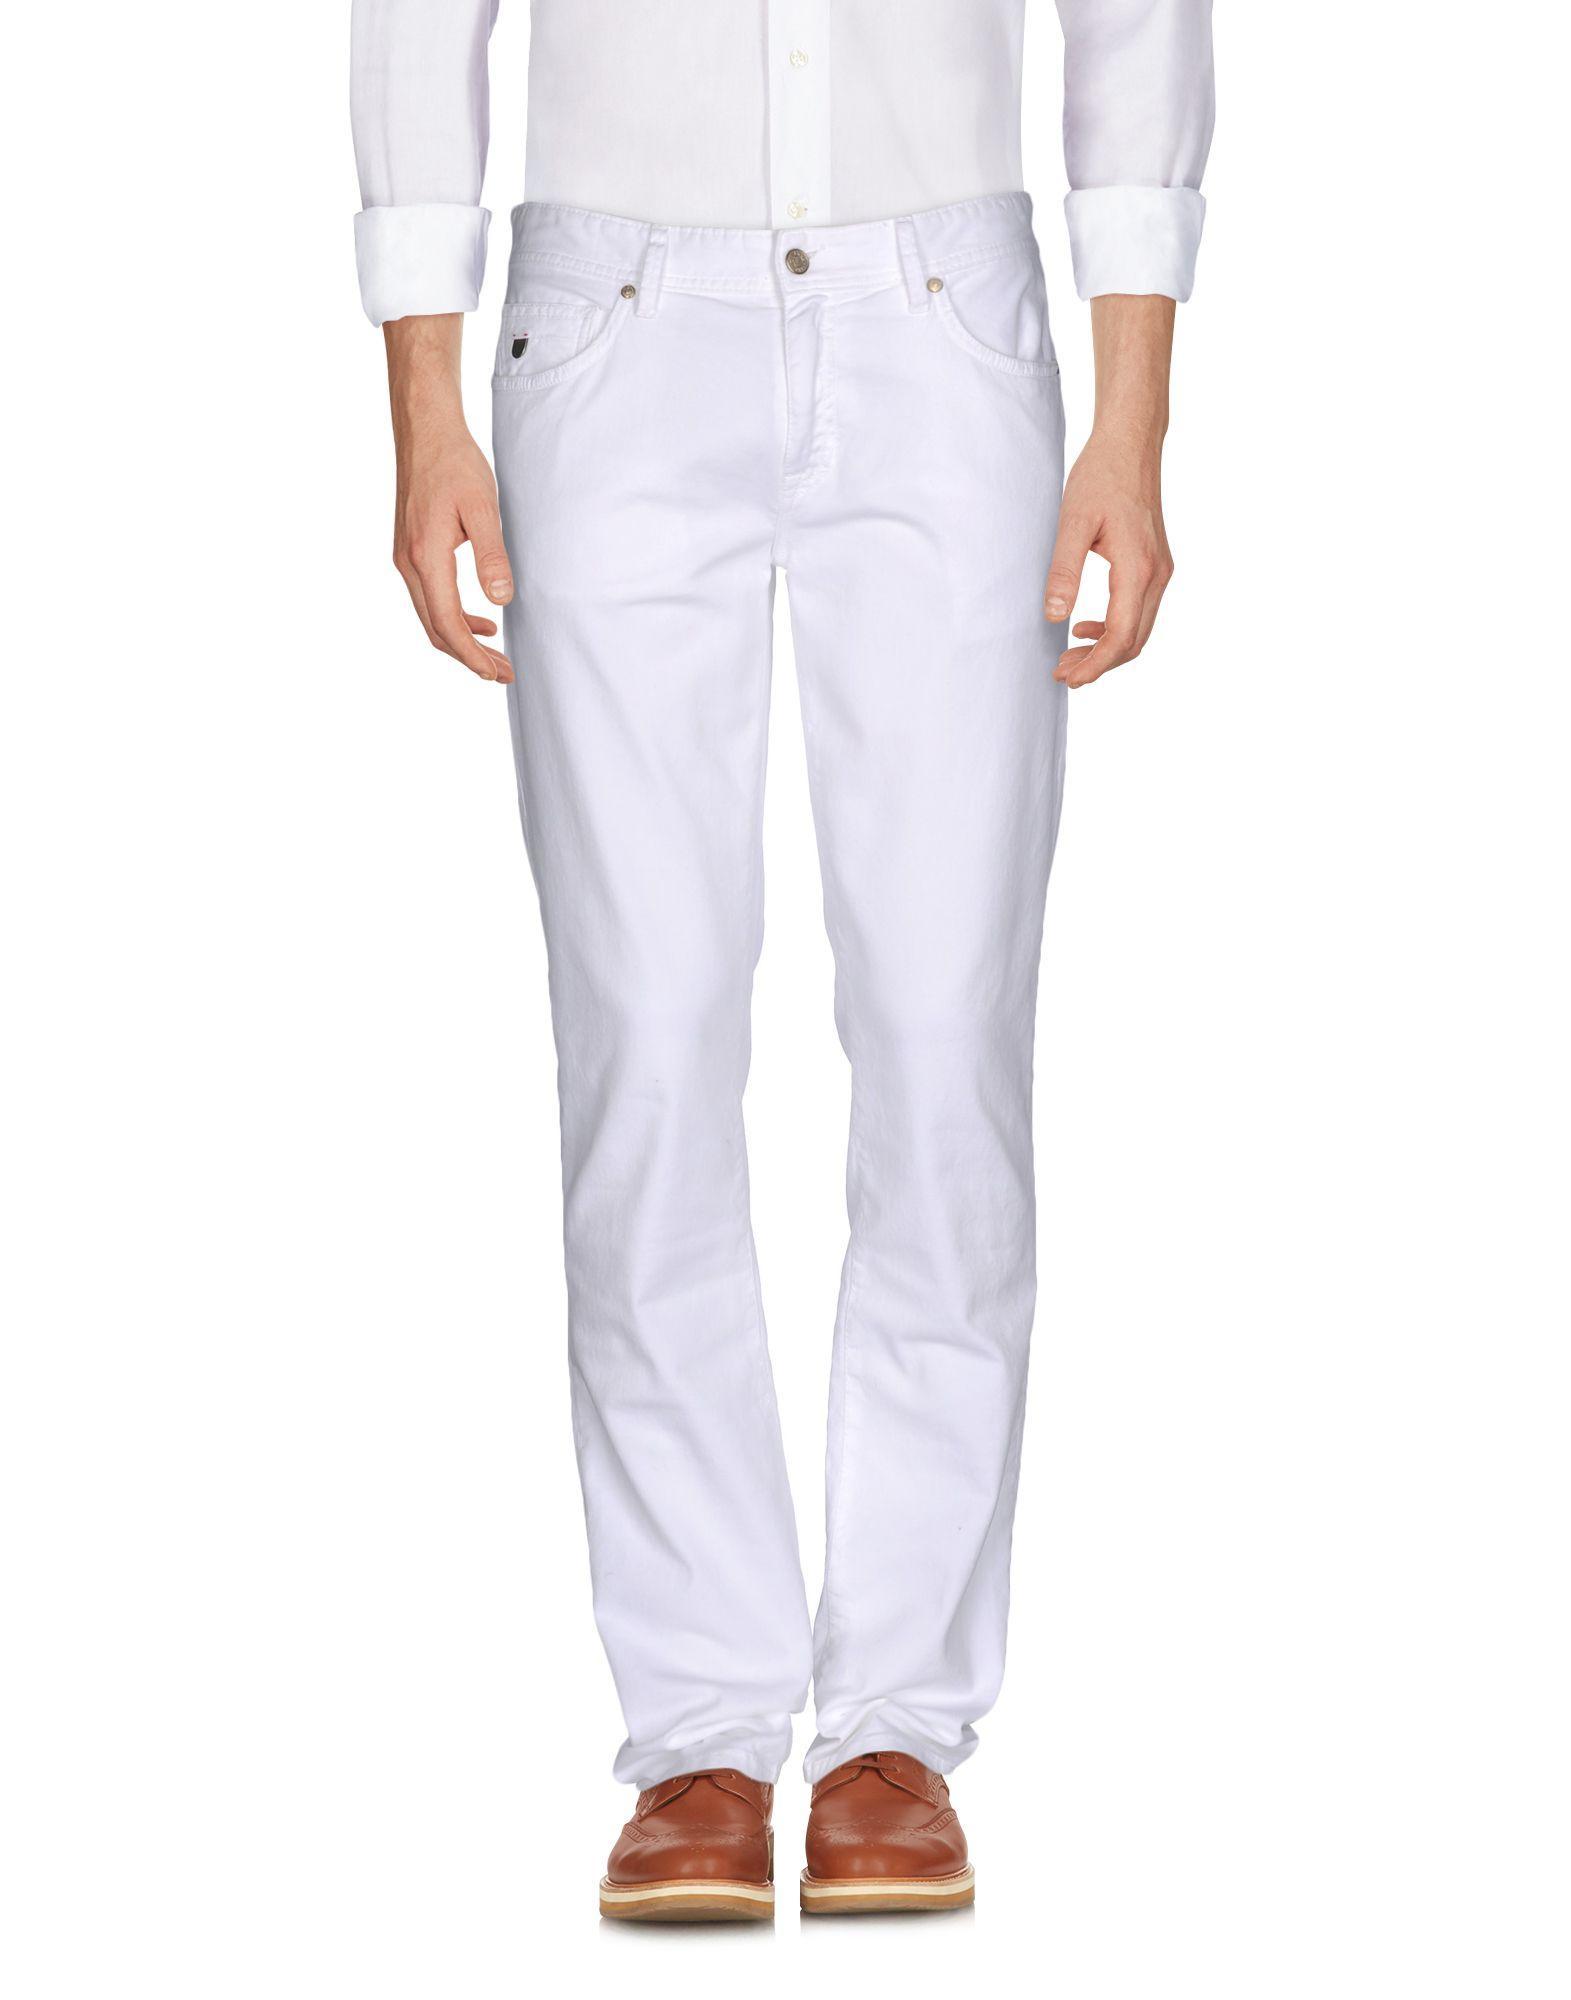 Liu •jo 5-pocket In White